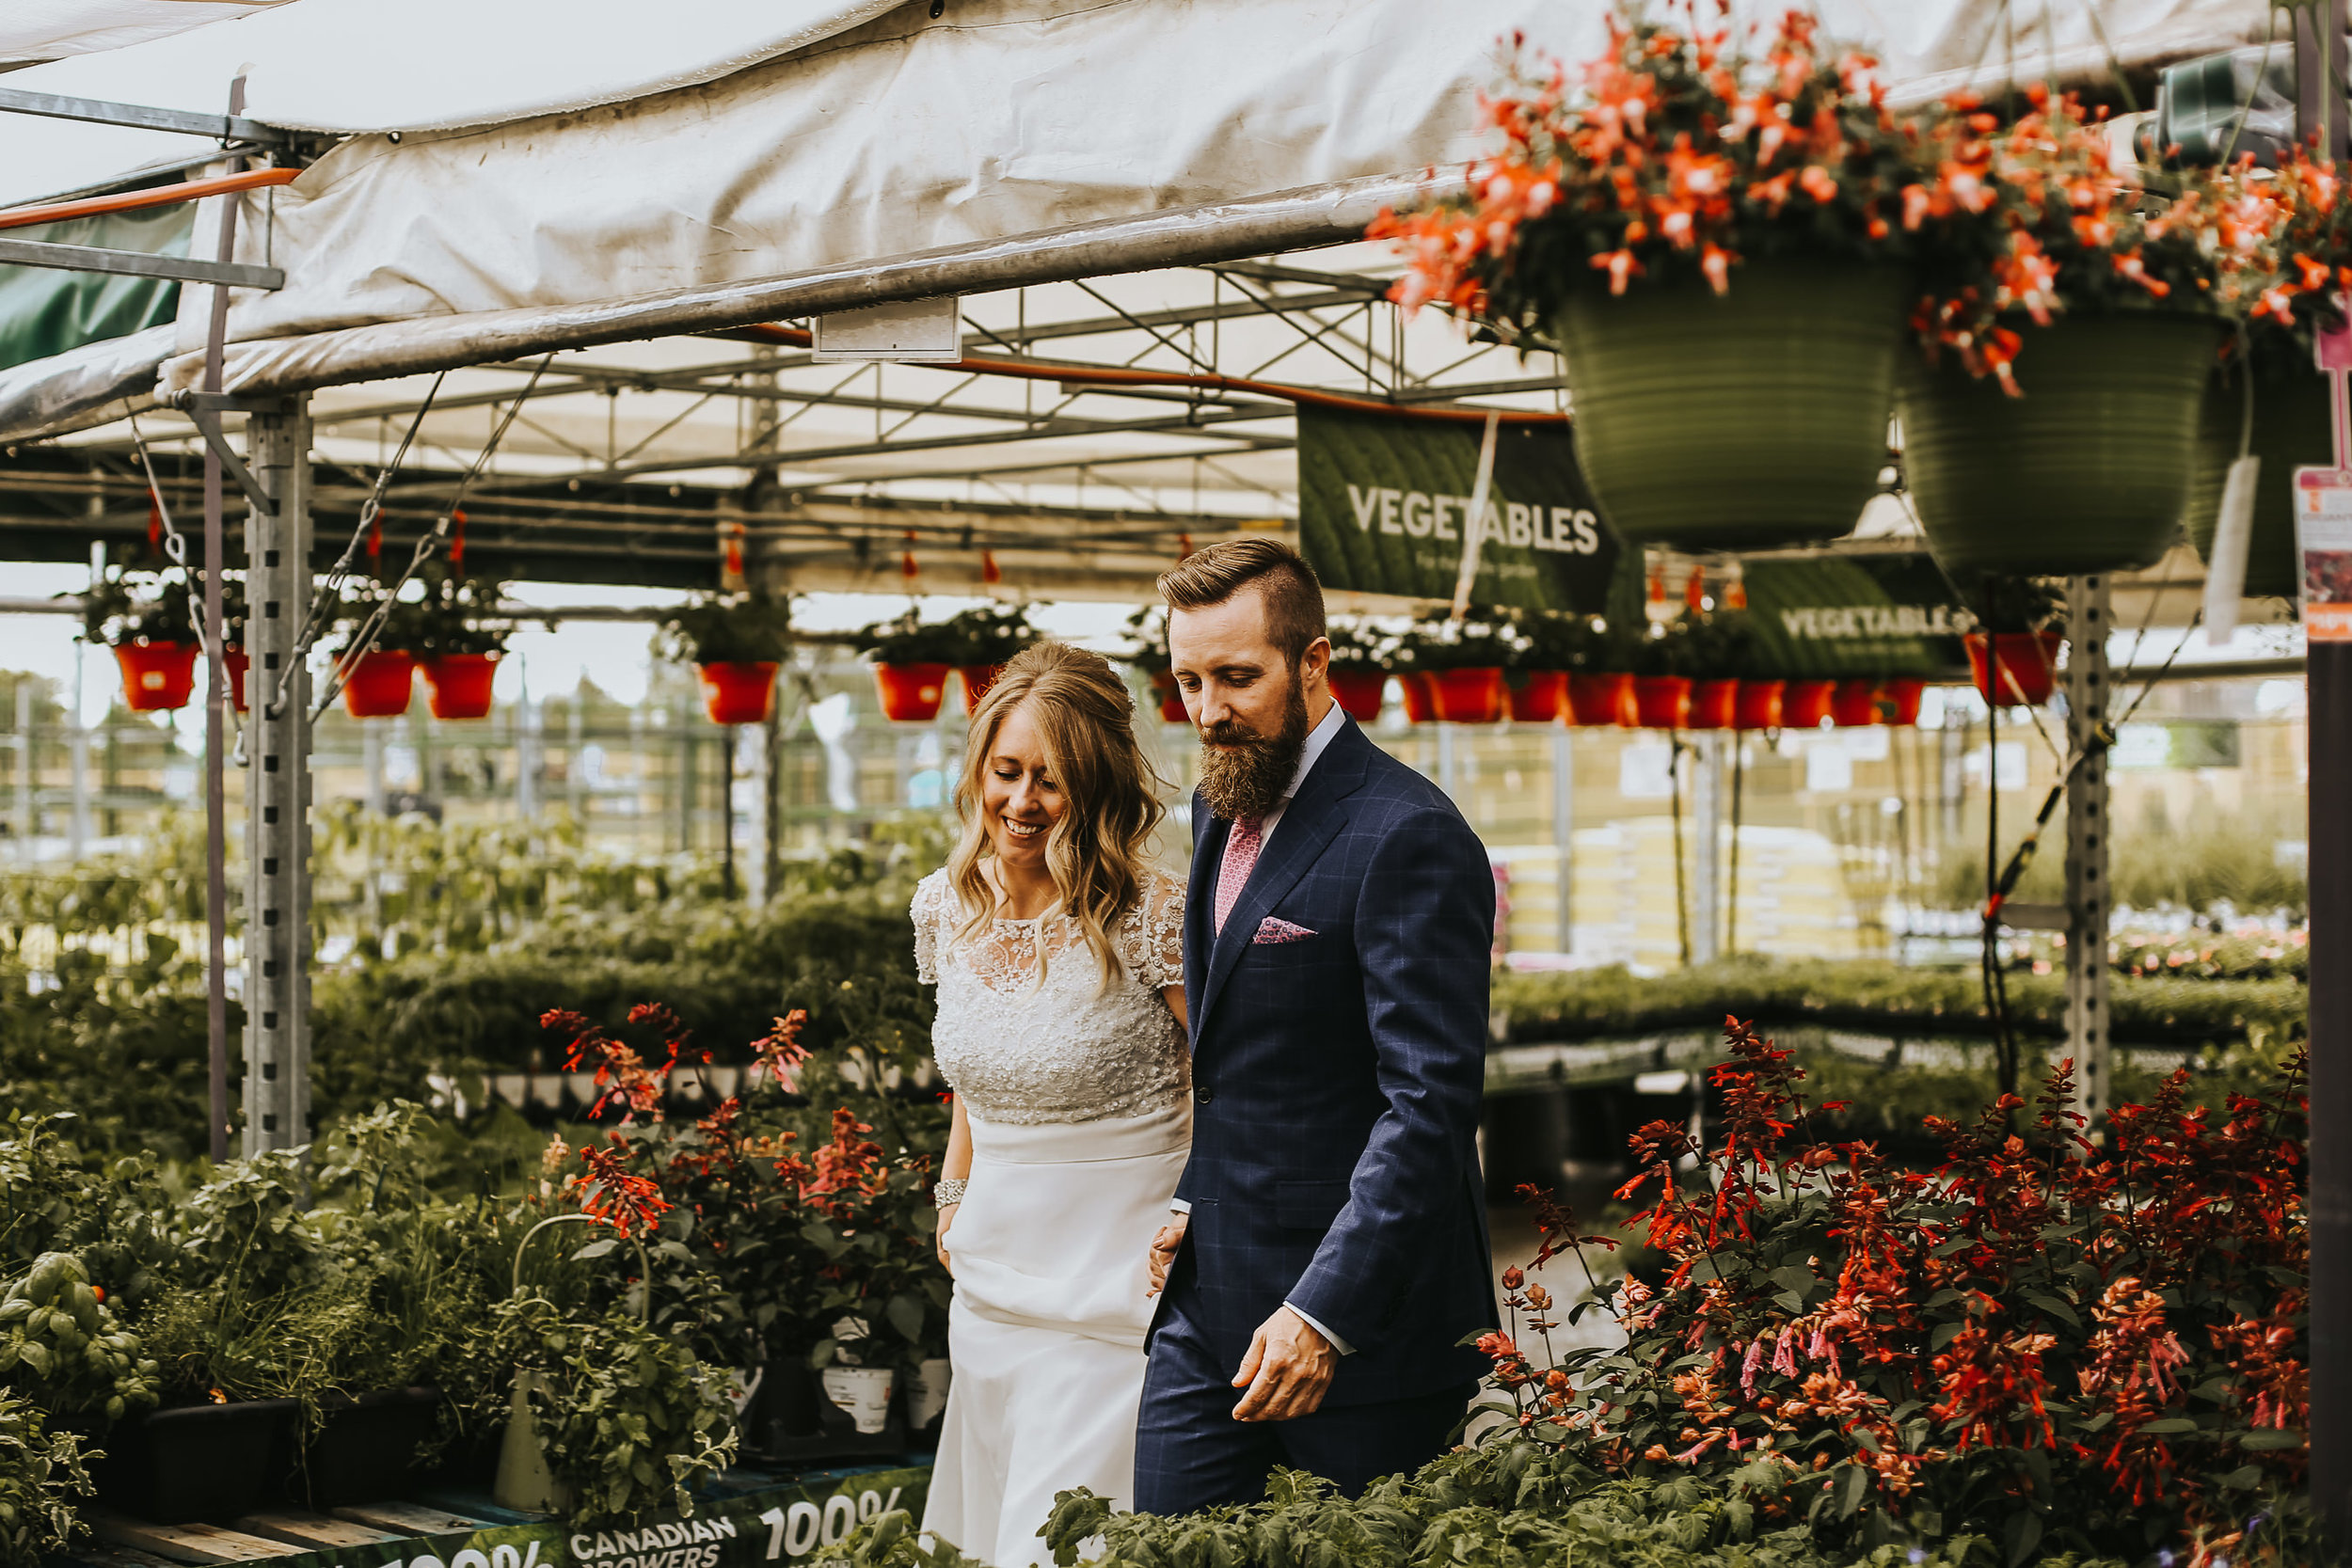 The-Gathered-Farm-Wedding-11